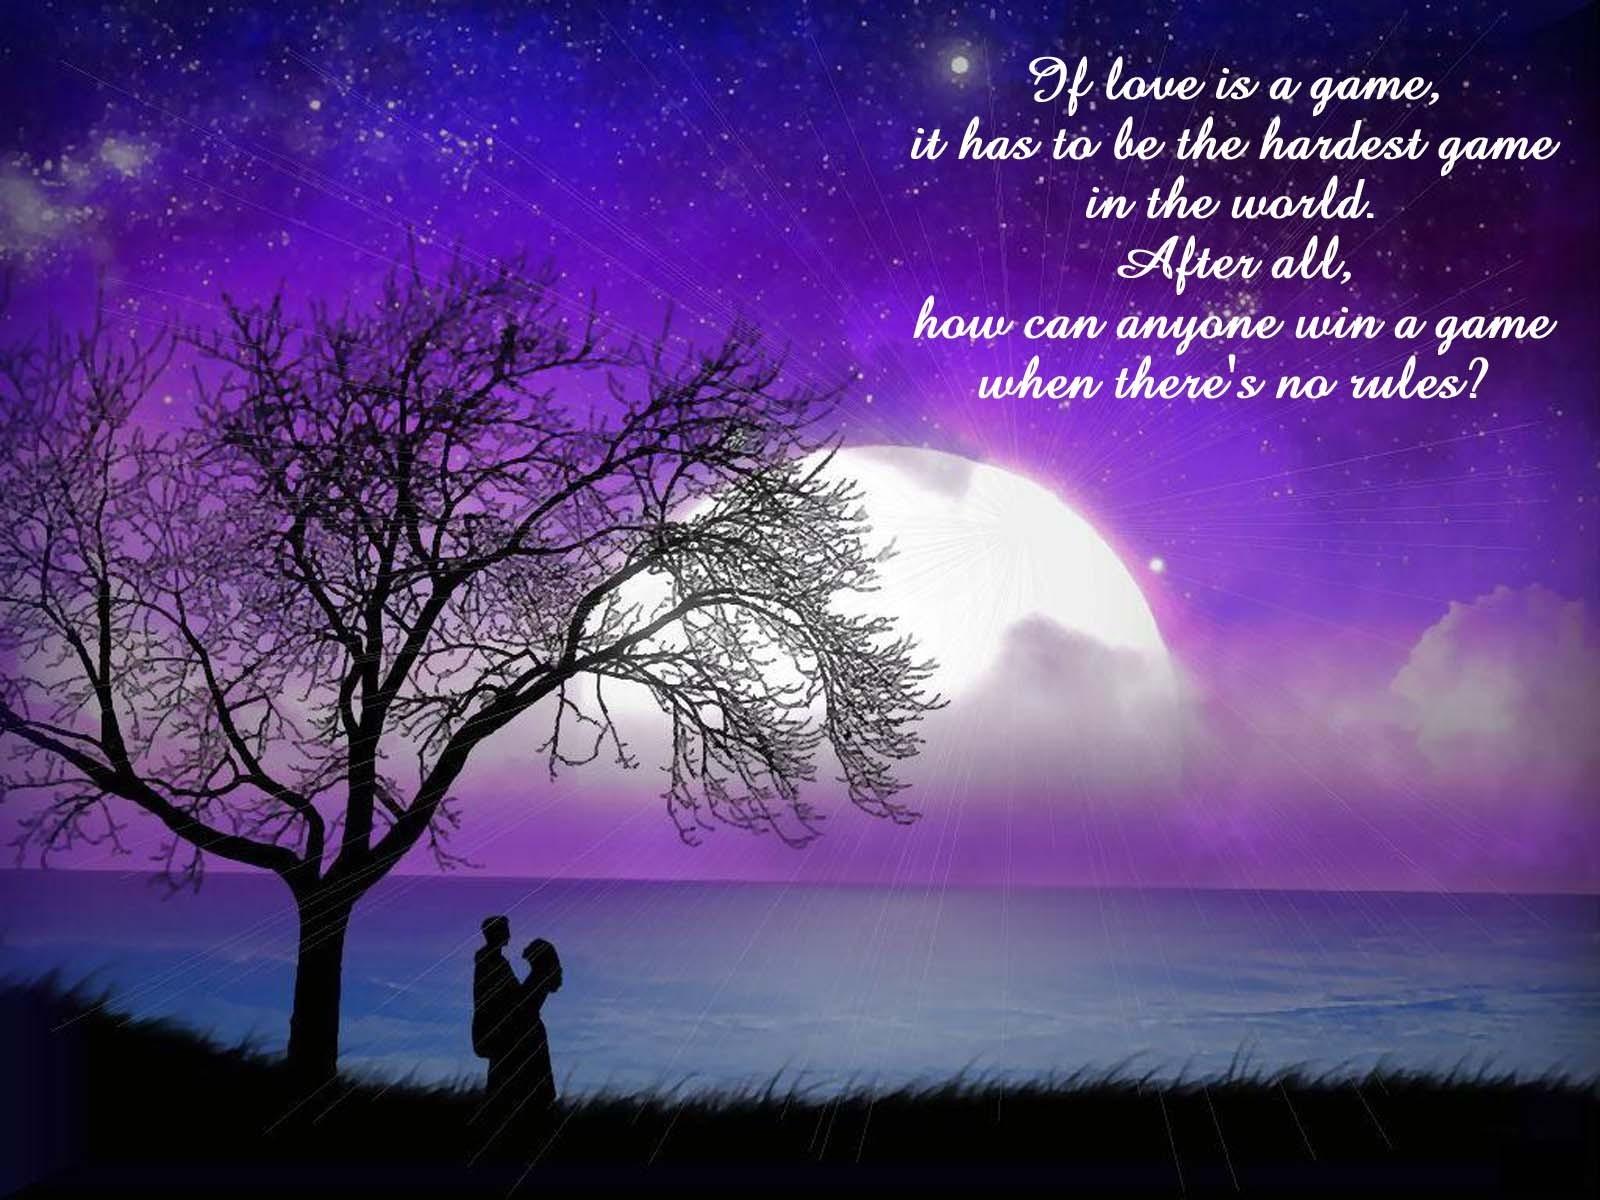 http://4.bp.blogspot.com/-ozaRB2M1BmY/Tt6qSkHpzjI/AAAAAAAAASA/JhPN8-QszLI/s1600/Quote-Wallpaper-quotes-8080685-1600-1200.jpg